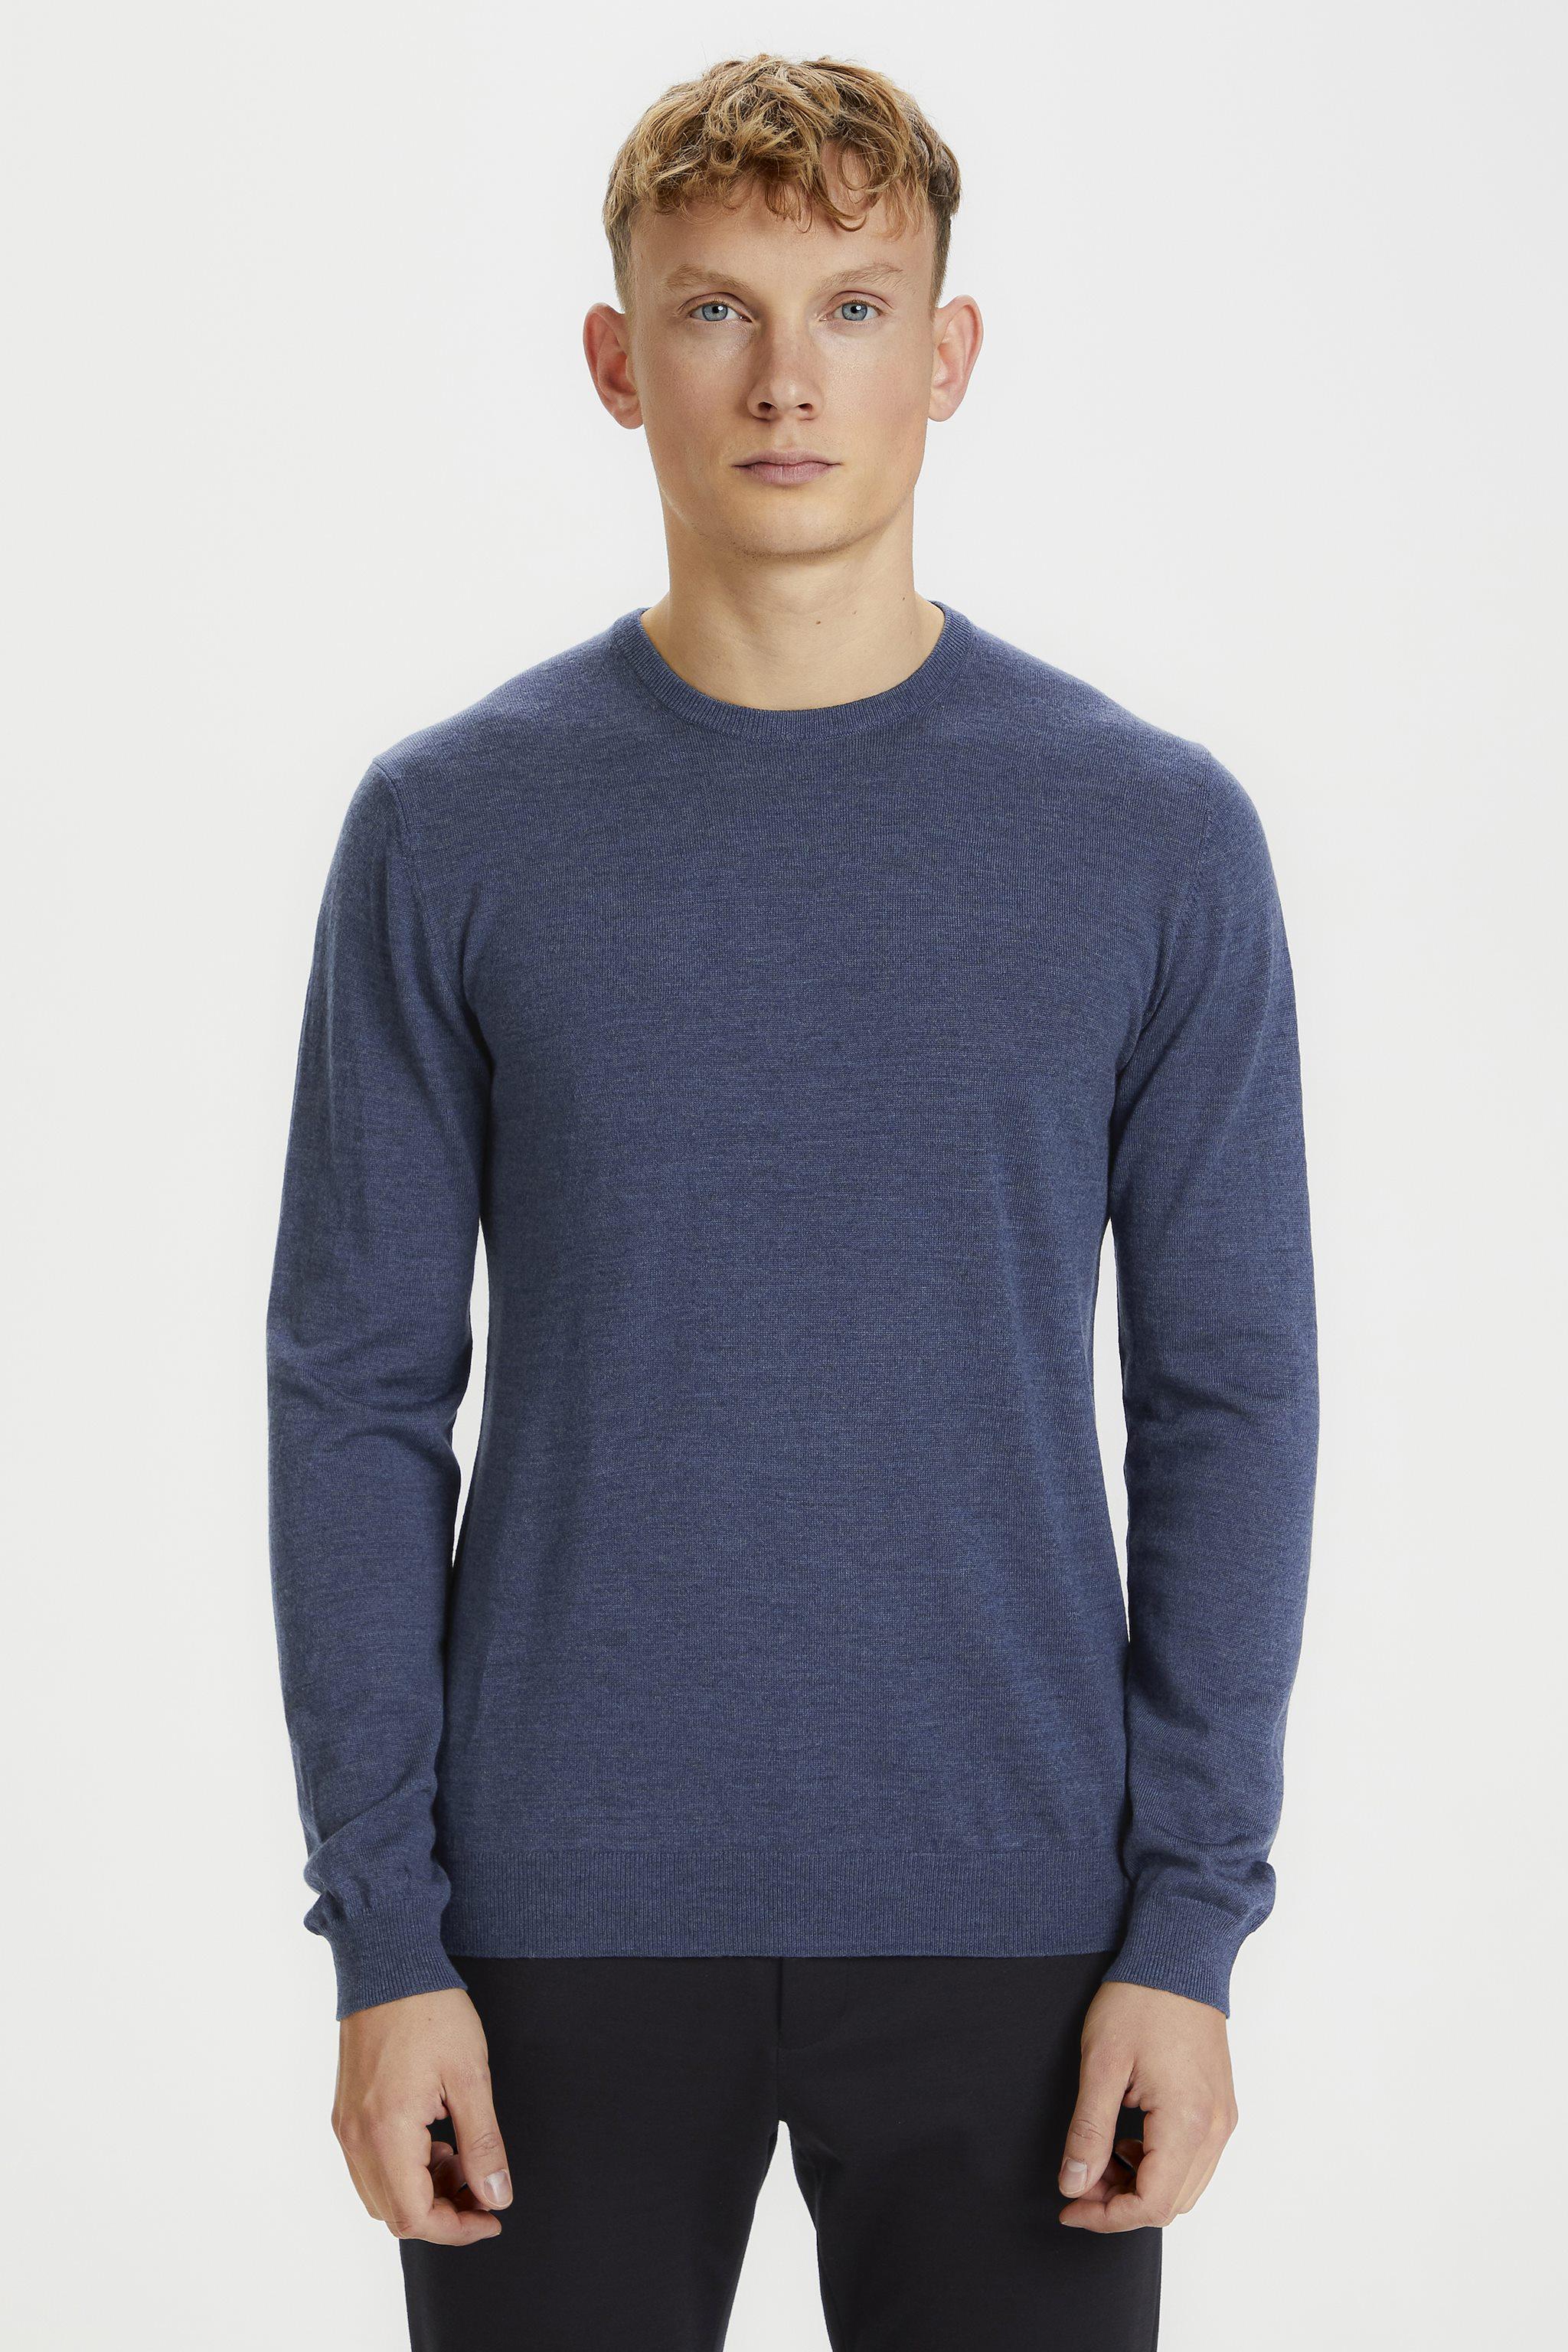 Matinique Margrate pullover, vintage blue, medium